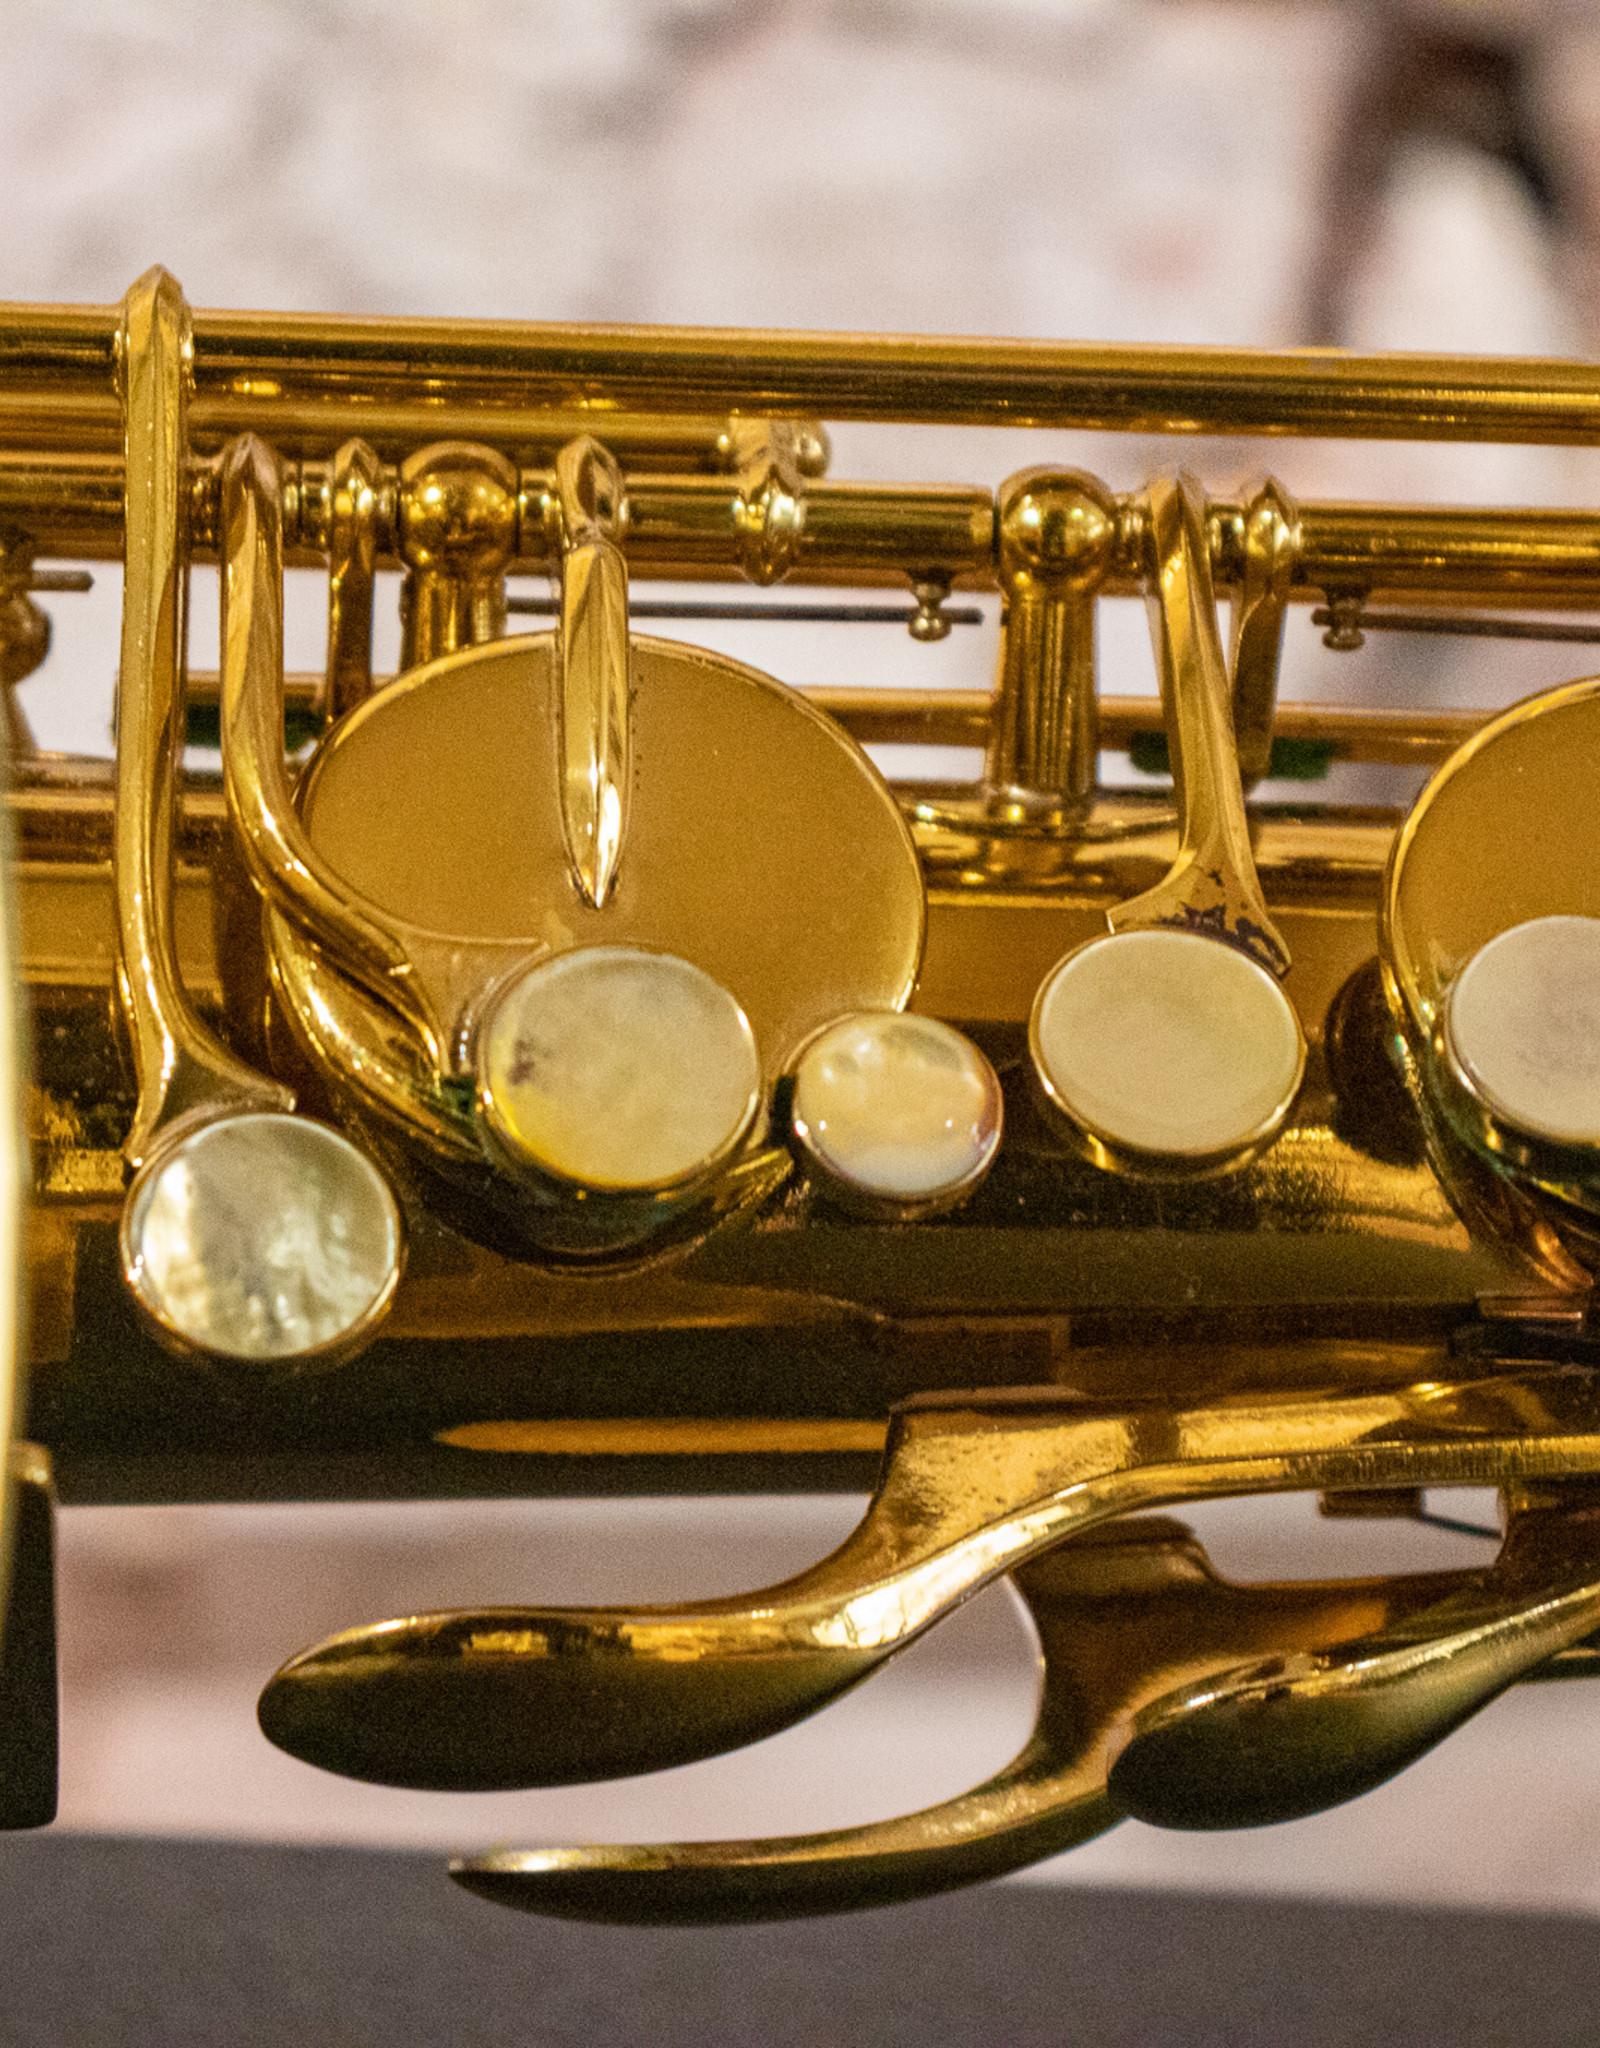 Buescher 1951 Buescher Aristocrat Series III Baritone Saxophone